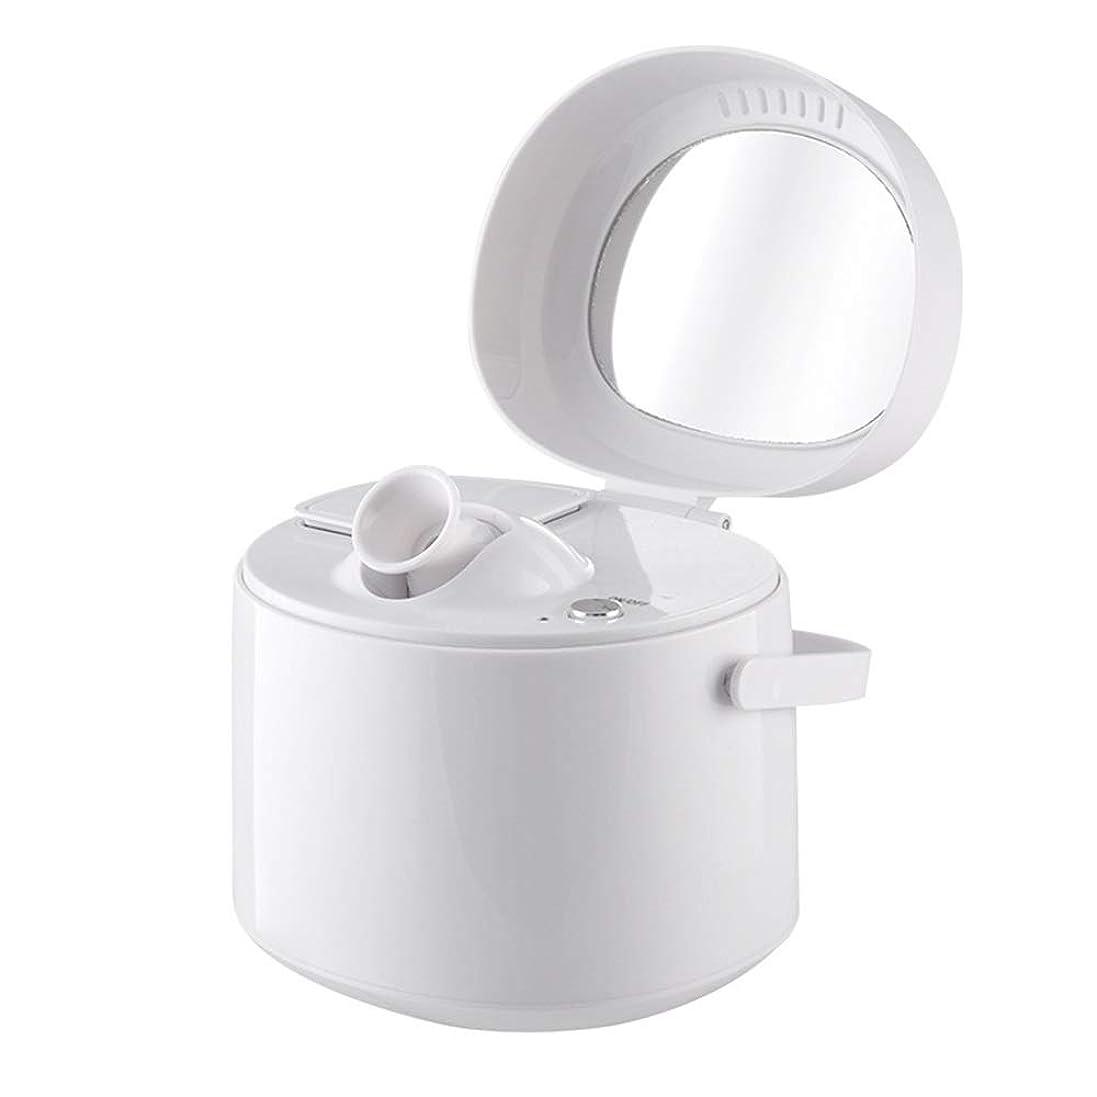 絶望的なカップルバスZXF ホットスプレースチームフェイス美容器具ホームナノイオン保湿スプレー美容器具美容ミラーホワイト 滑らかである